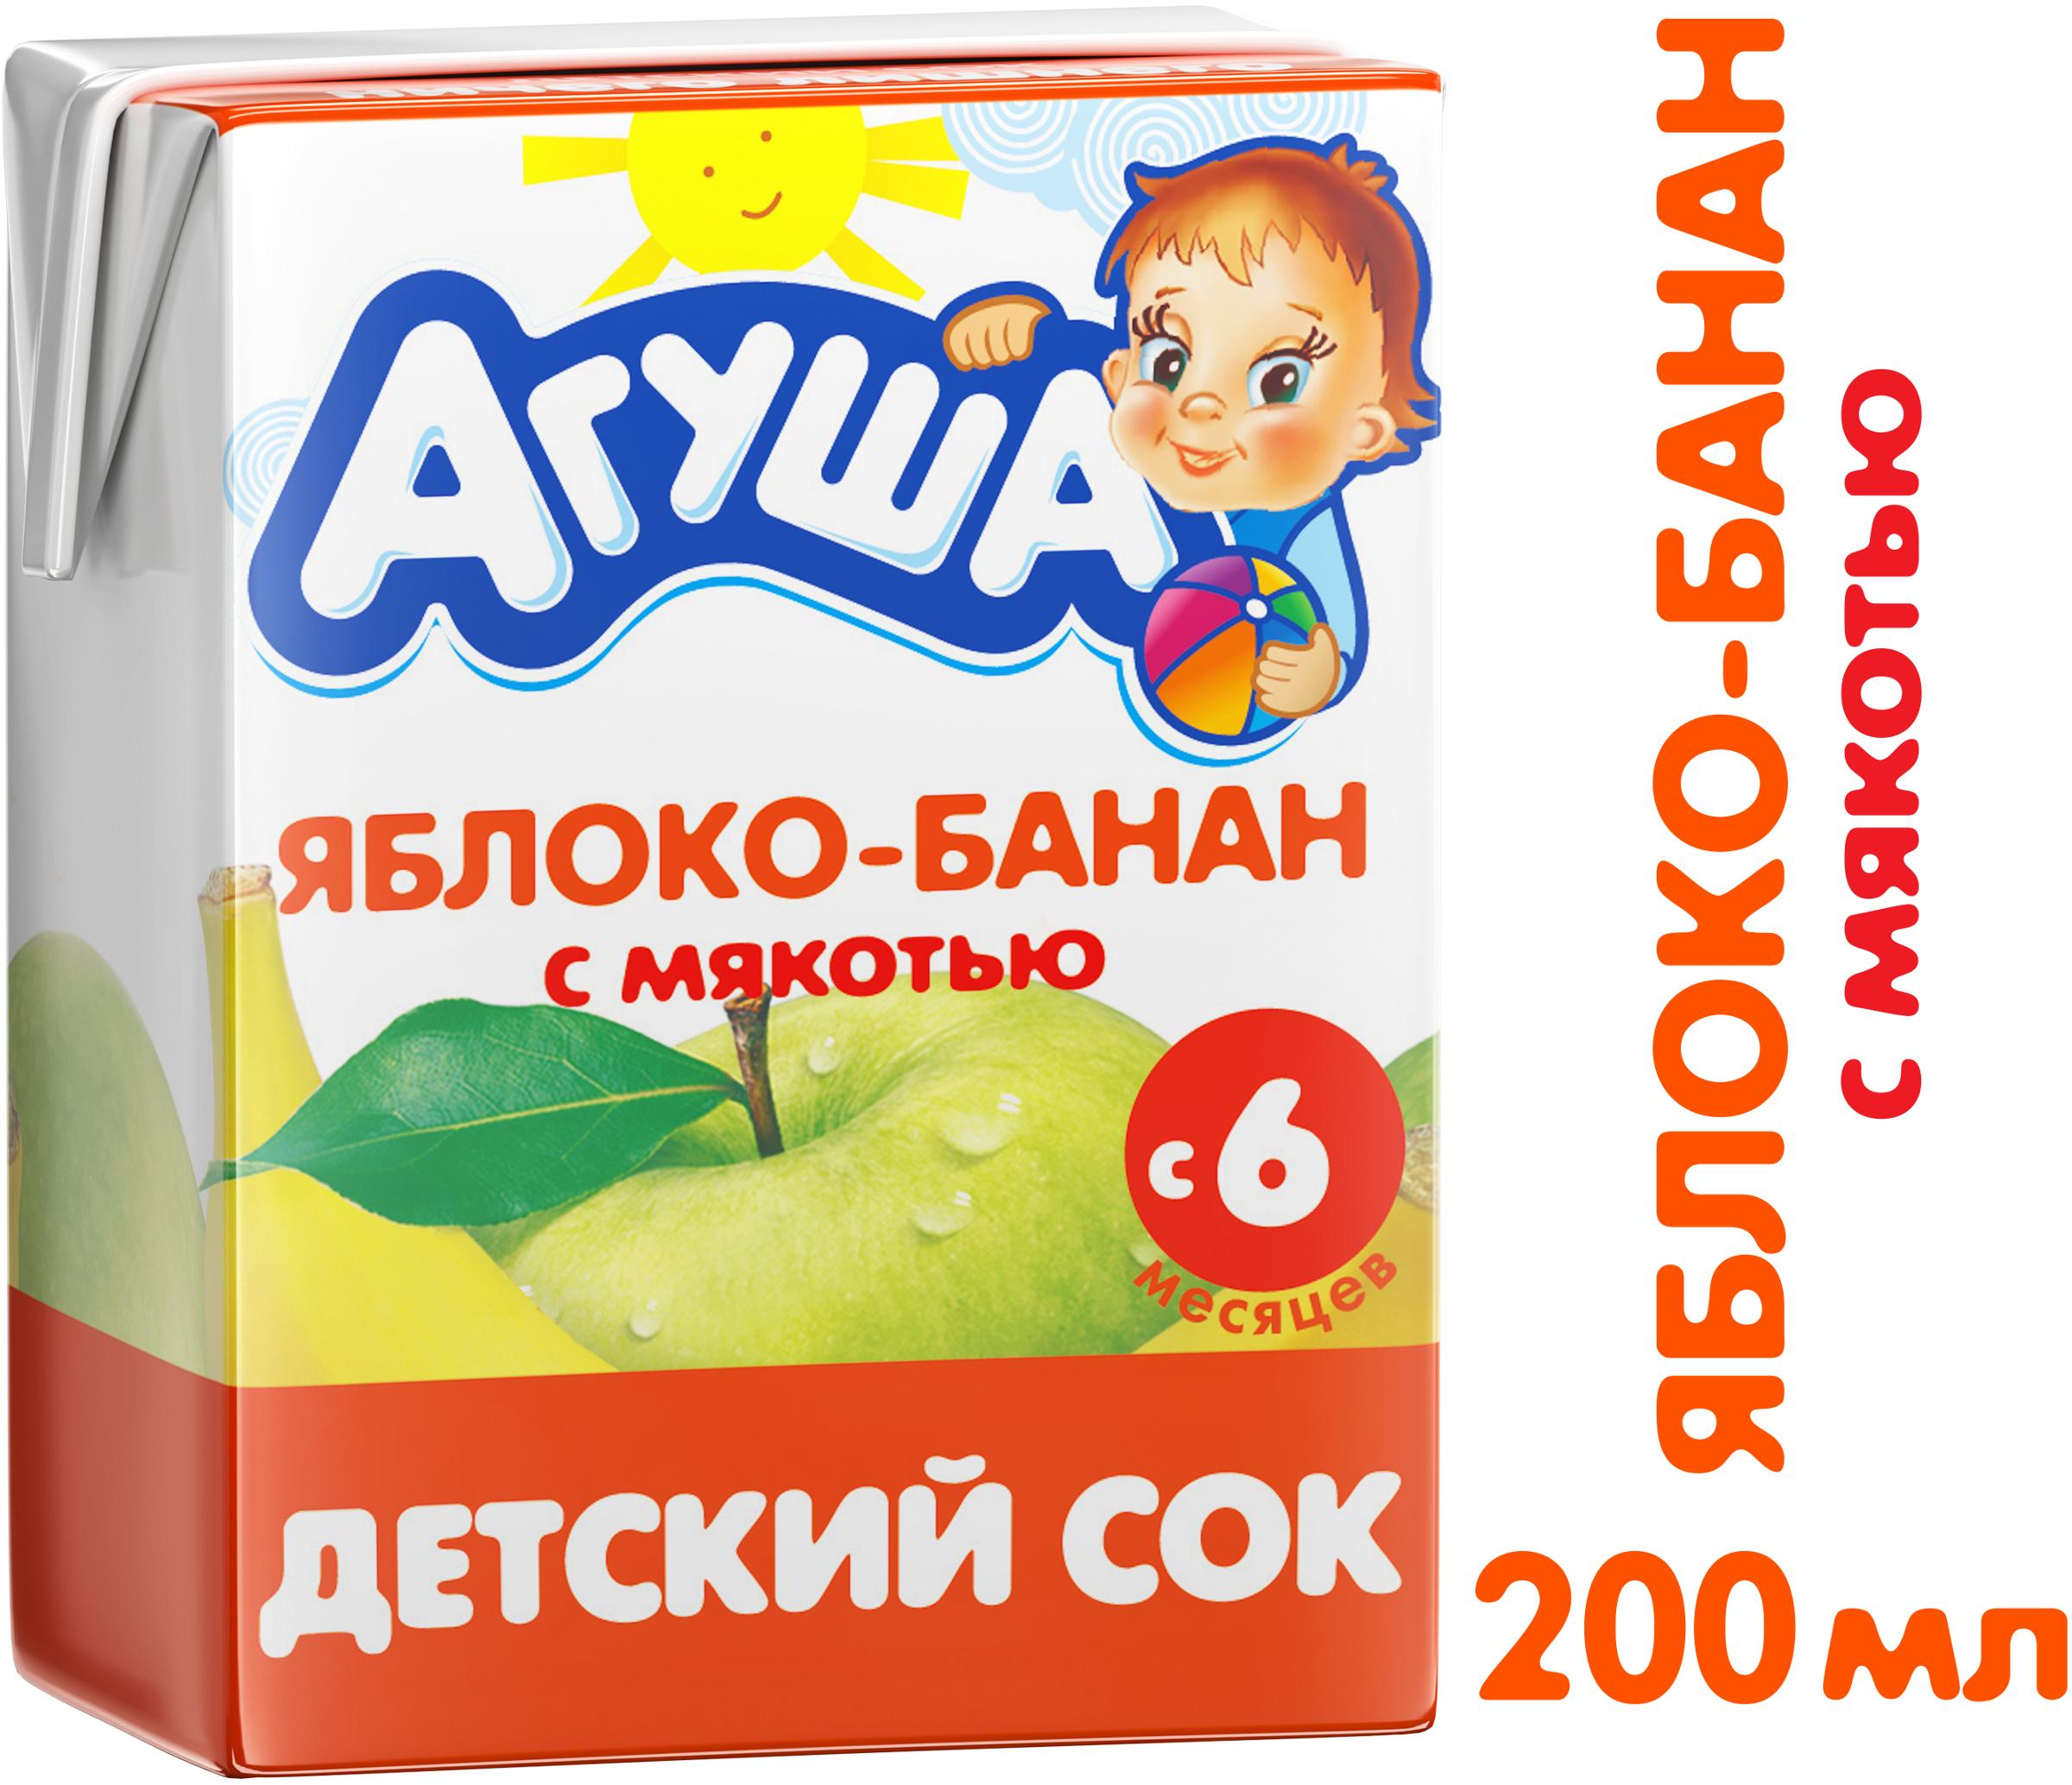 Сок Вимм-Билль-Данн Агуша Яблоко и банан с мякотью с 6 мес. 200 мл агуша сок детский с мякотью без сахара яблоко банан 200 мл